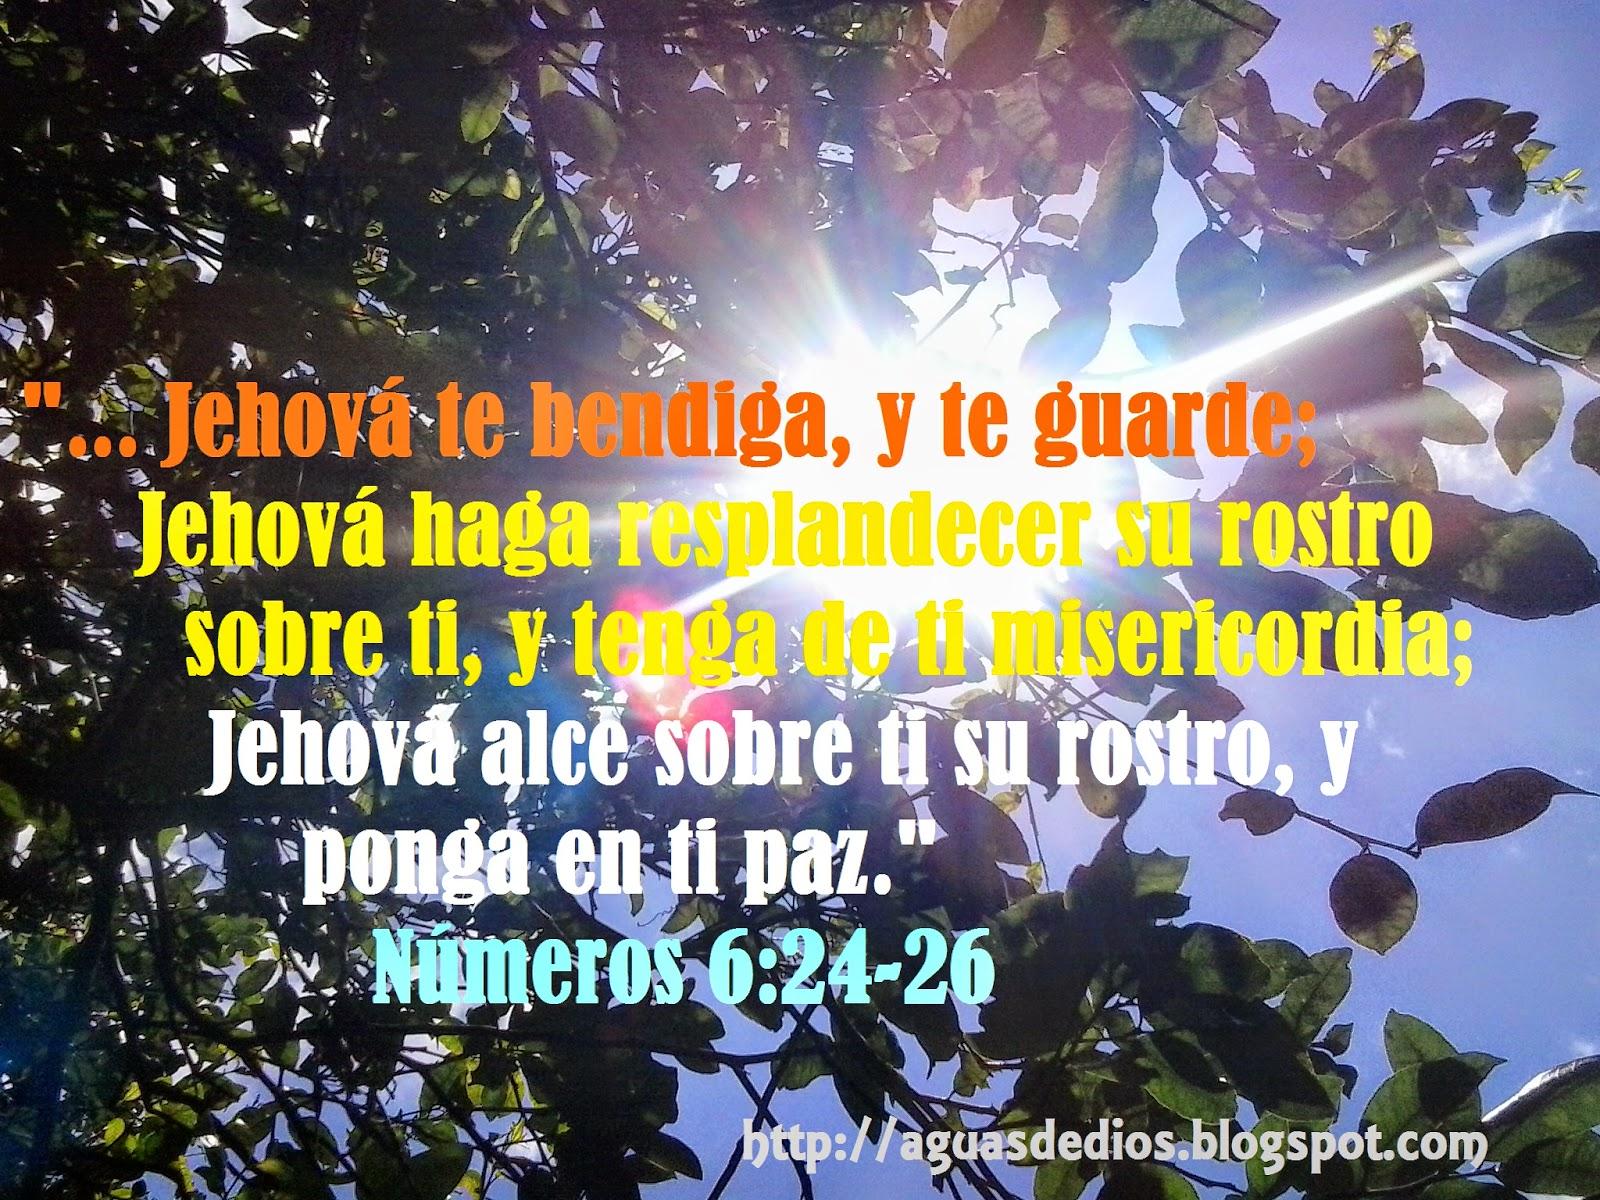 Que Dios te Bendiga y te Guarde Haga Resplandecer su Rostro Jehová te Bendiga y te Guarde